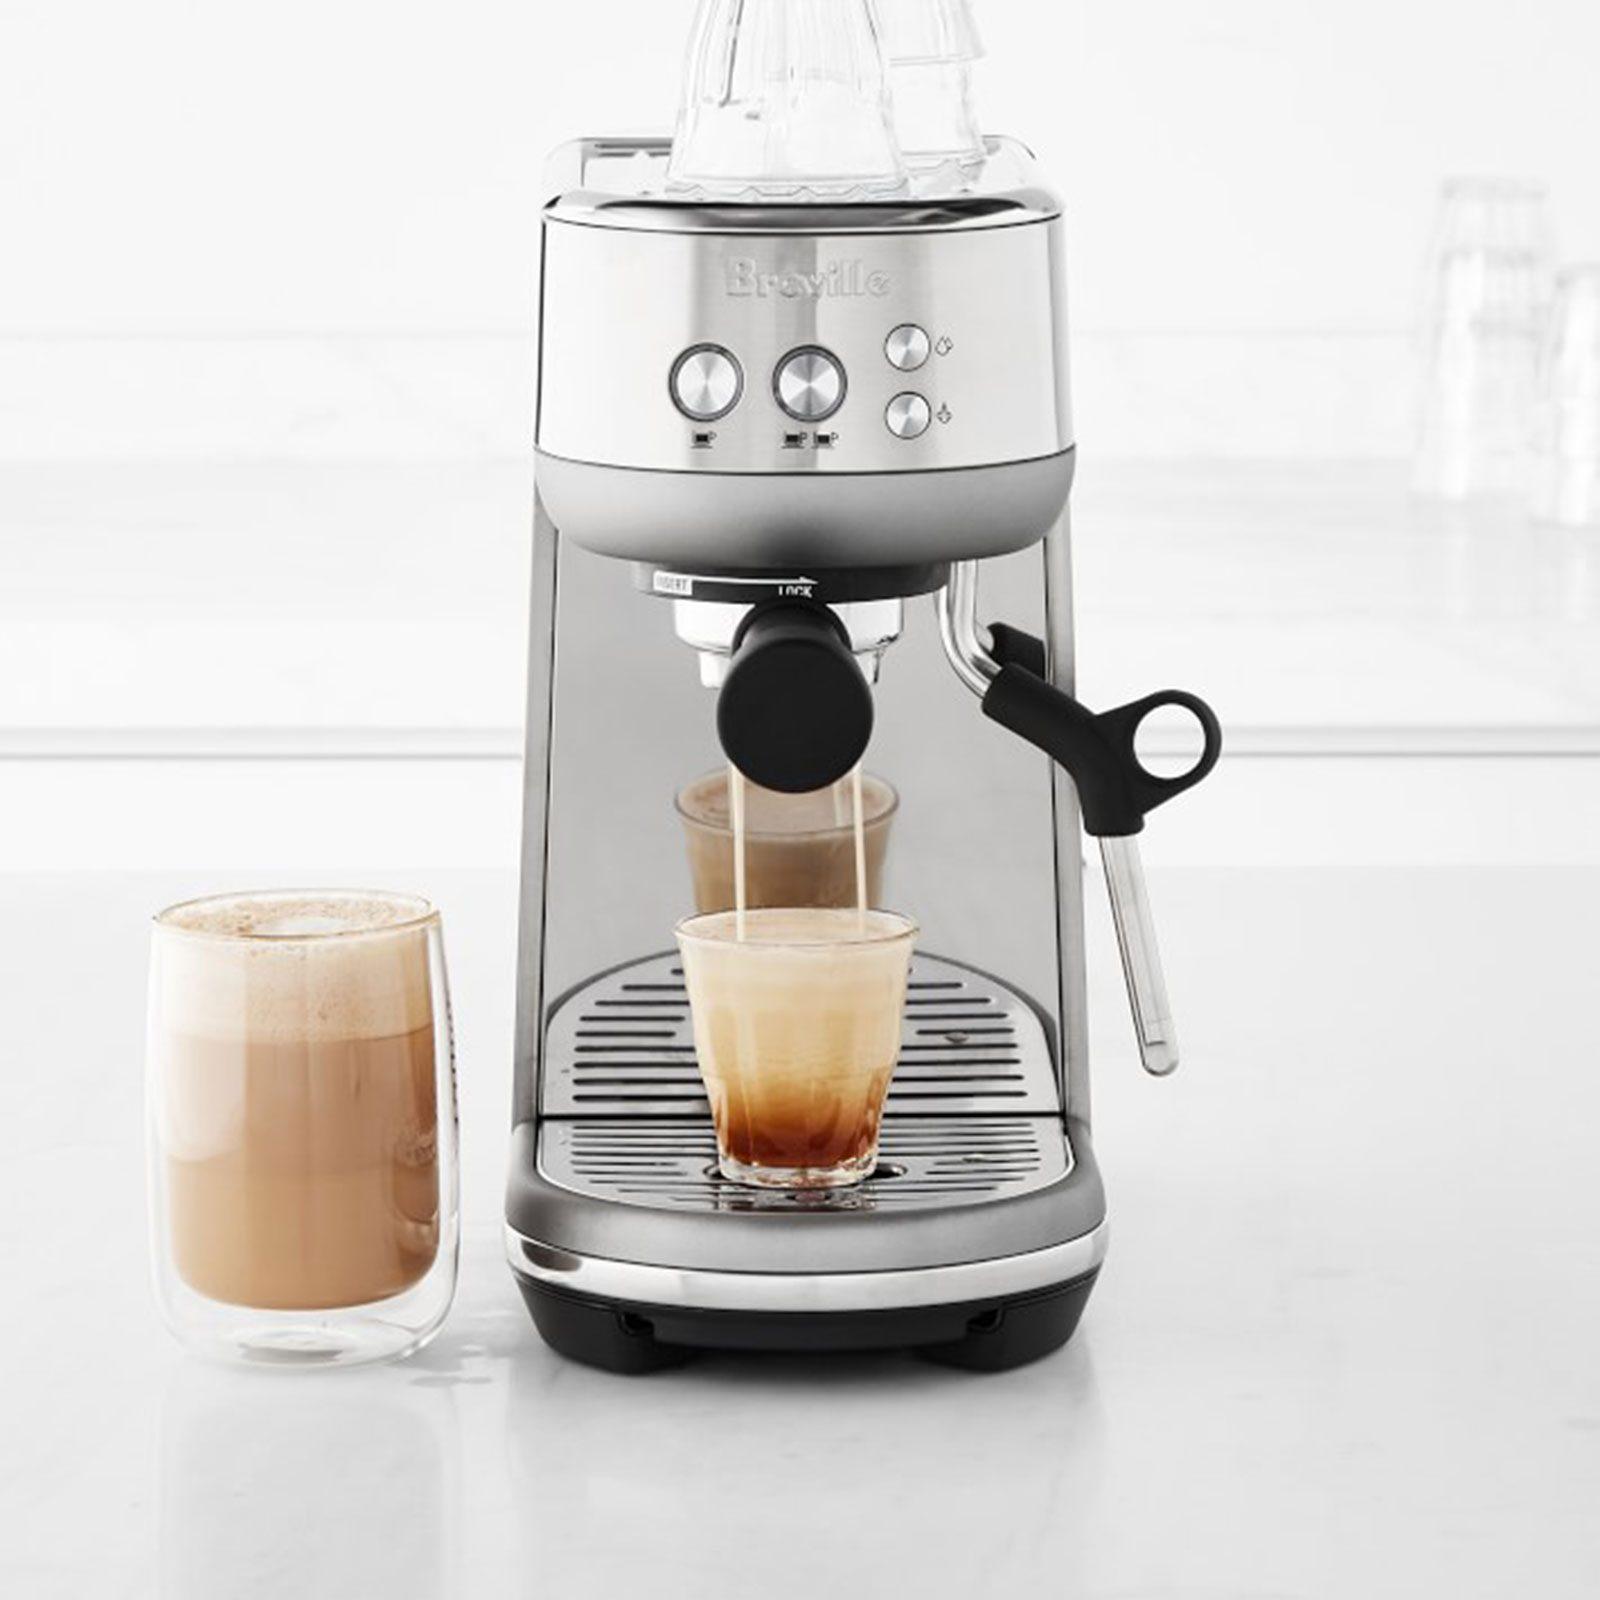 Breville Bambino Espresso Machine